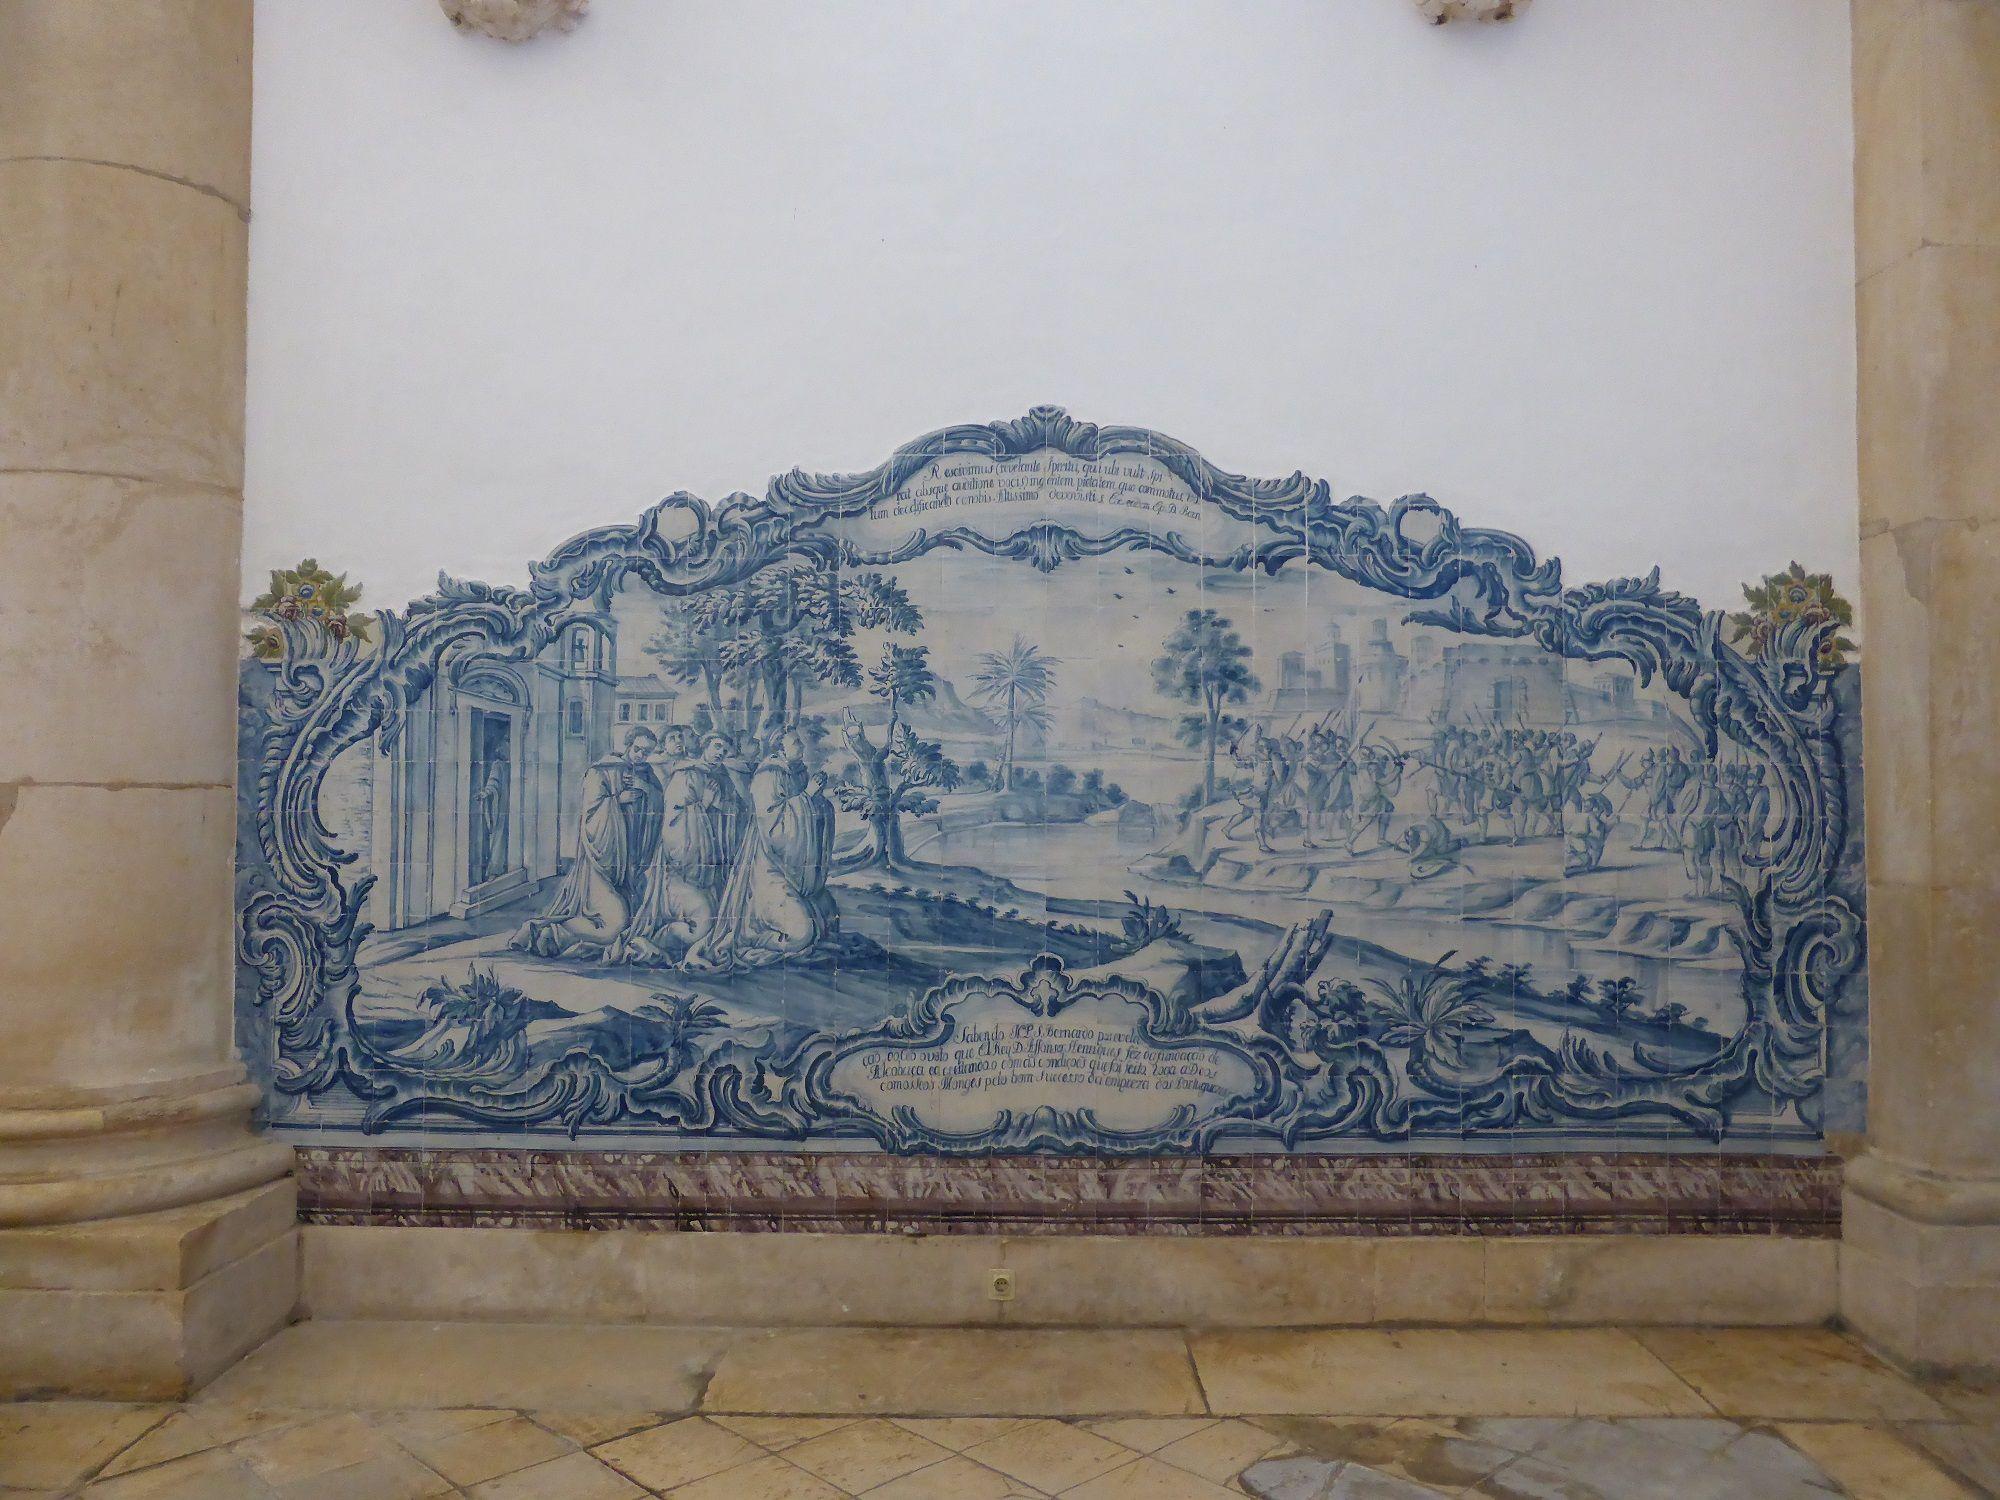 Azulejos in Alcobaça Monastery